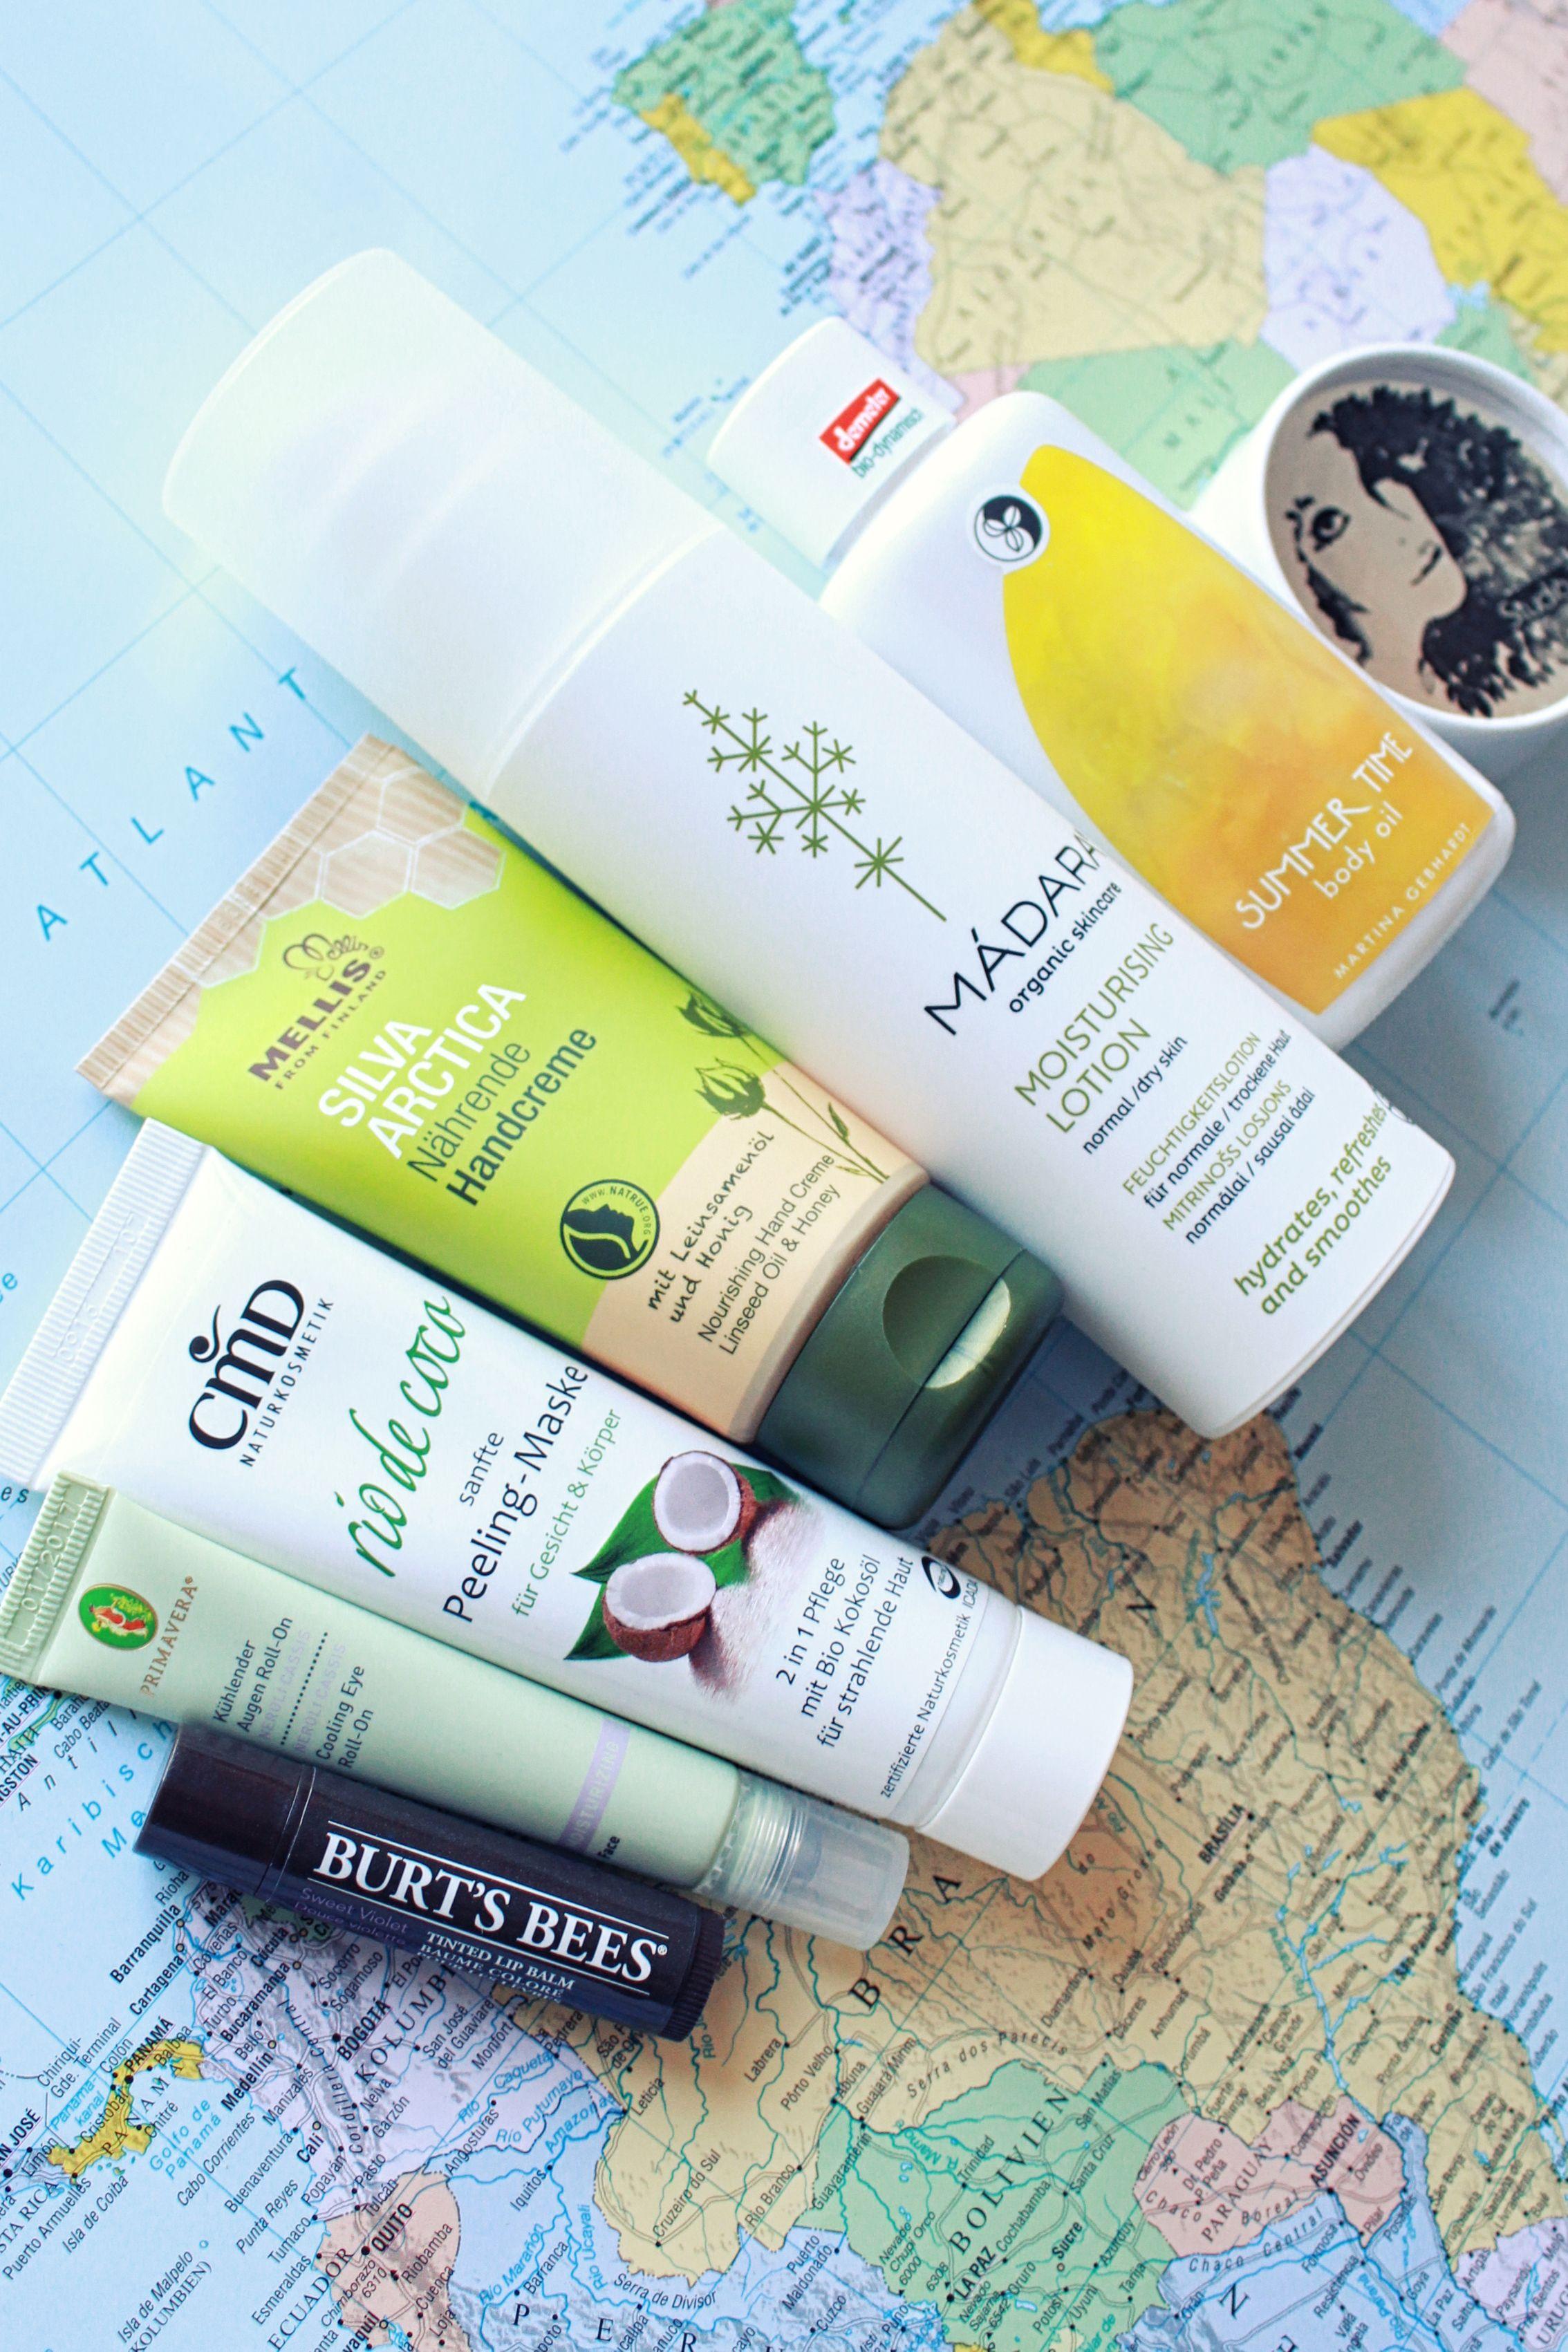 Naturkosmetik Produkte | Organic Beauty Favorites